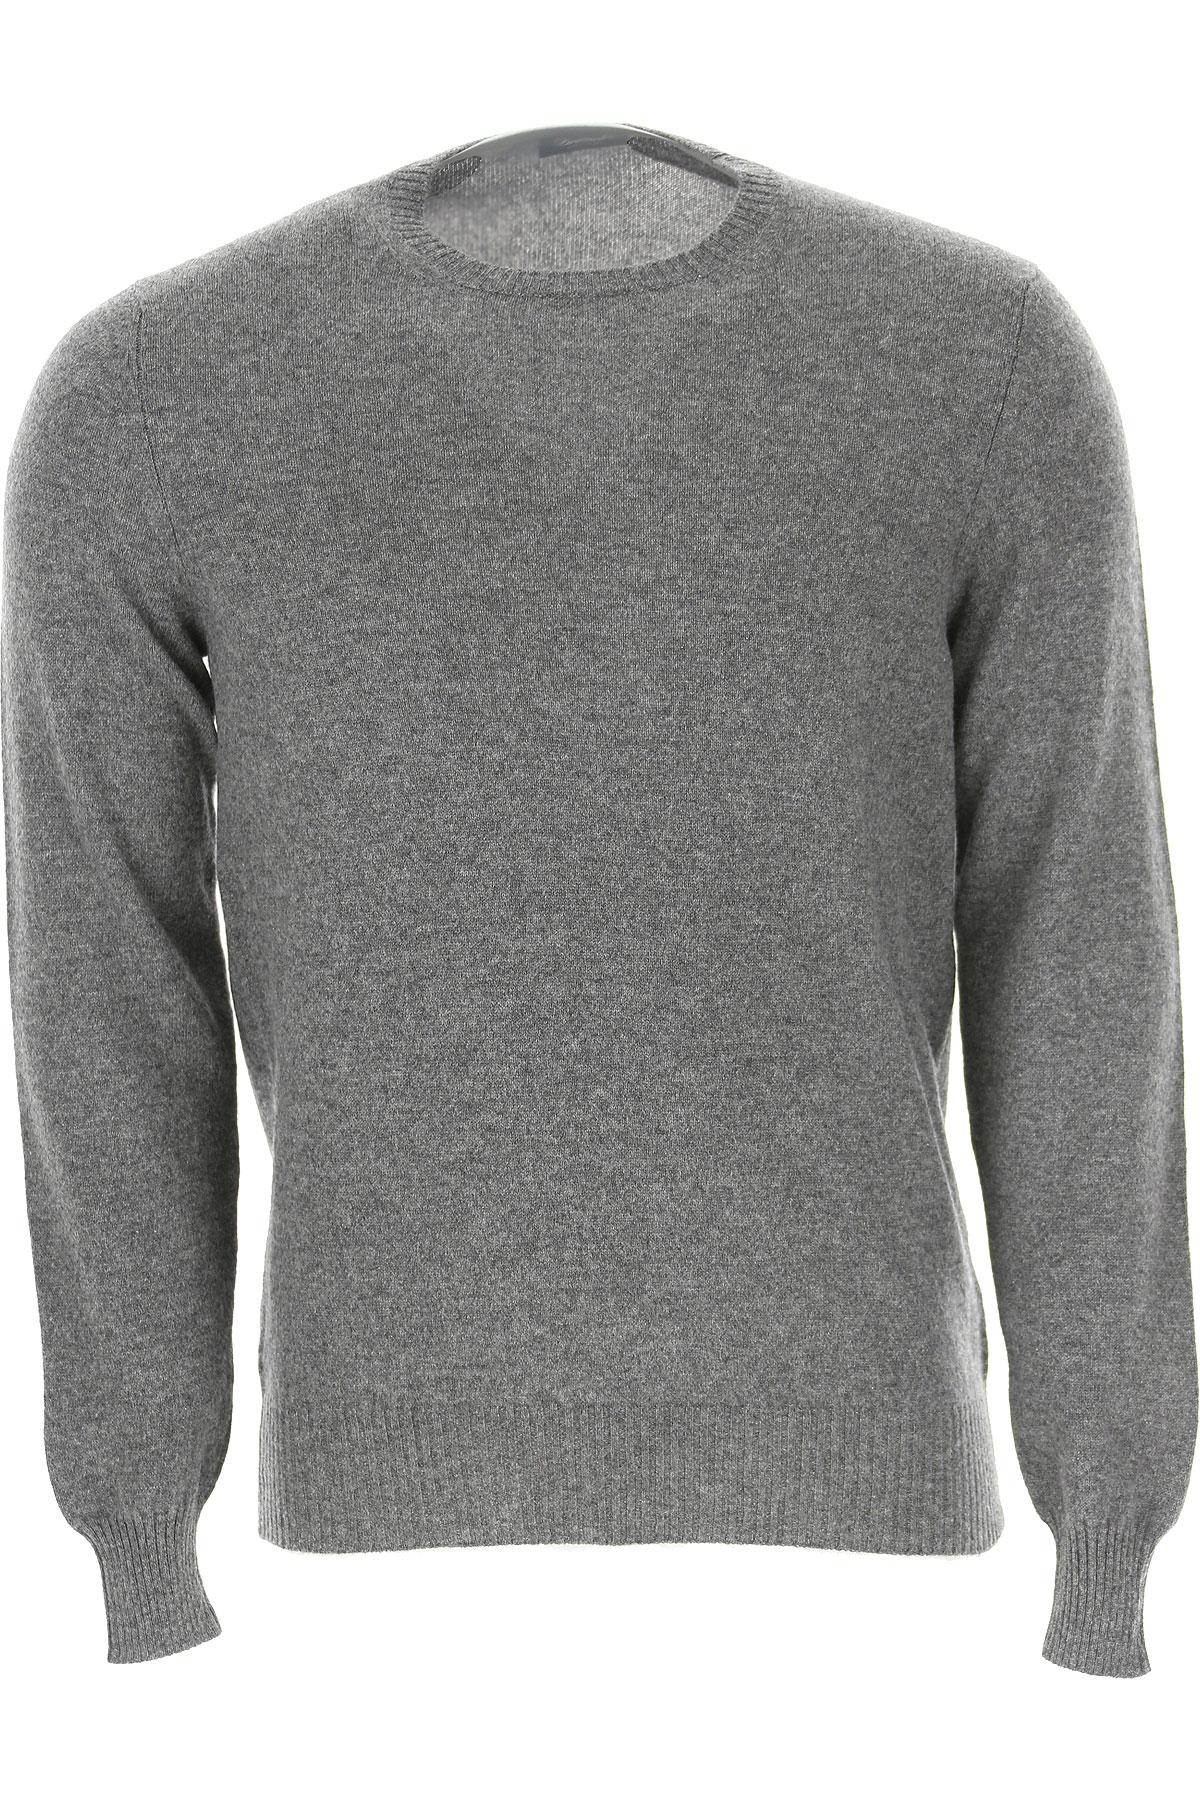 Drumohr Sweater for Men Jumper On Sale in Outlet, Grey, Cashmere, 2019, L S